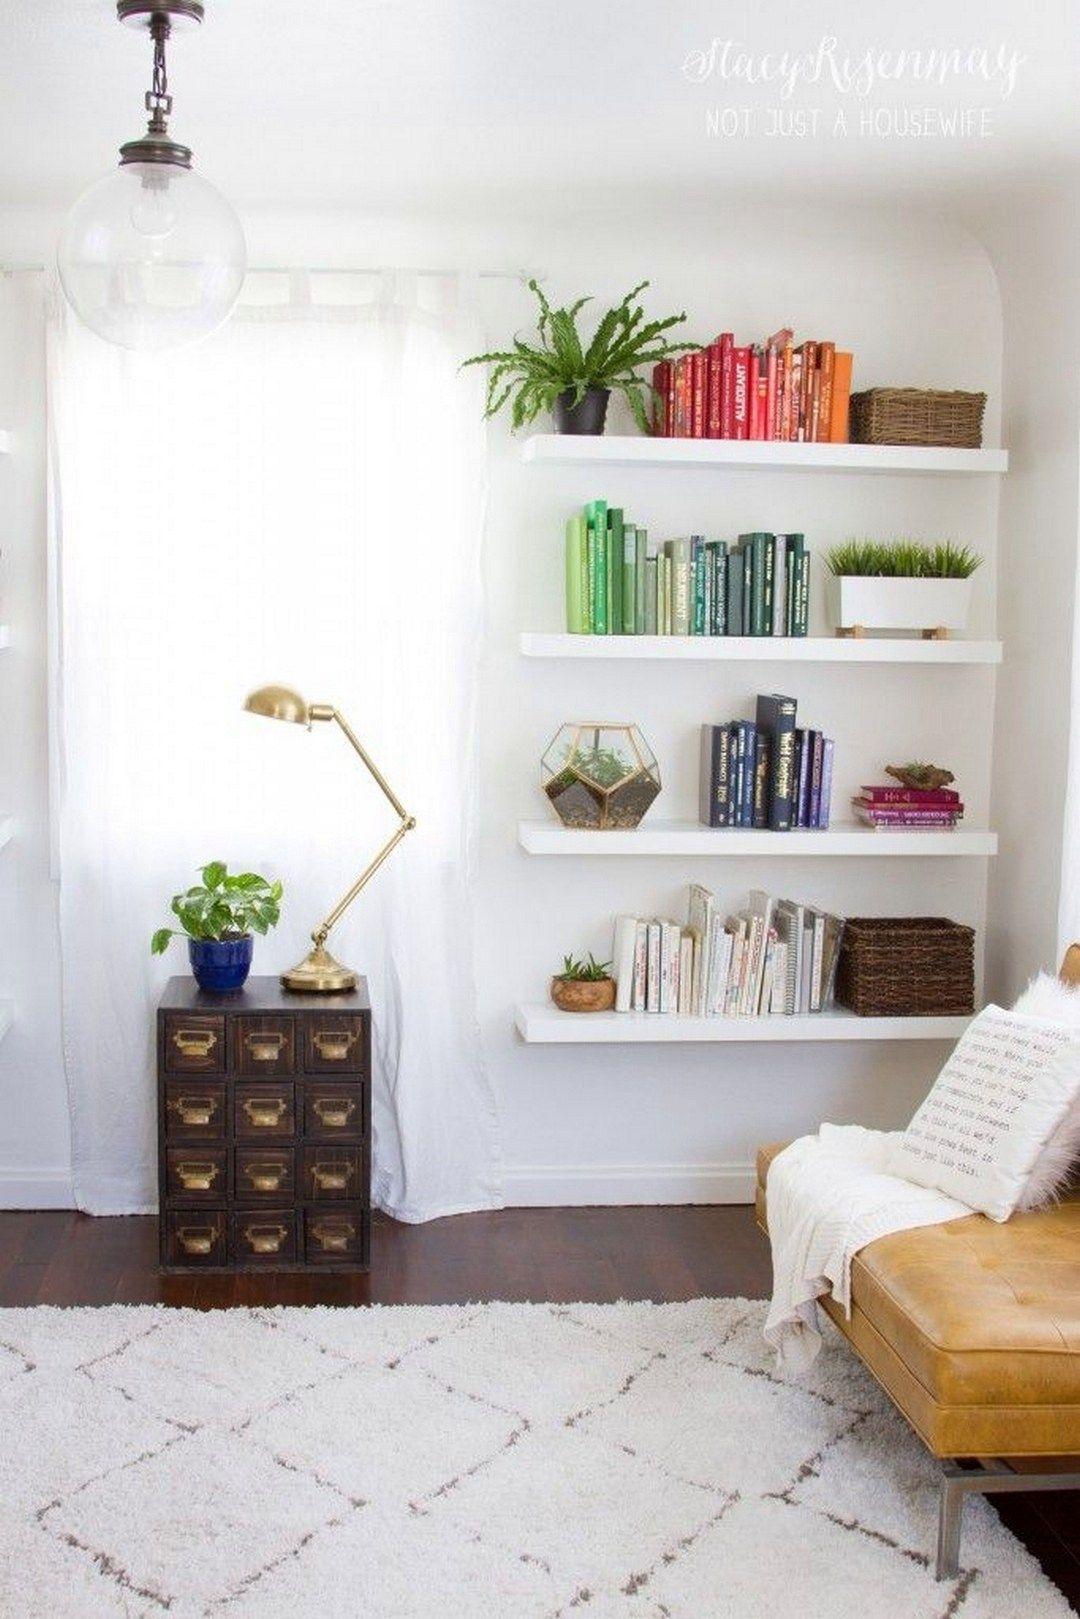 Cozy Reading Room Interior Idea (86) | Cozy reading rooms, Reading ...